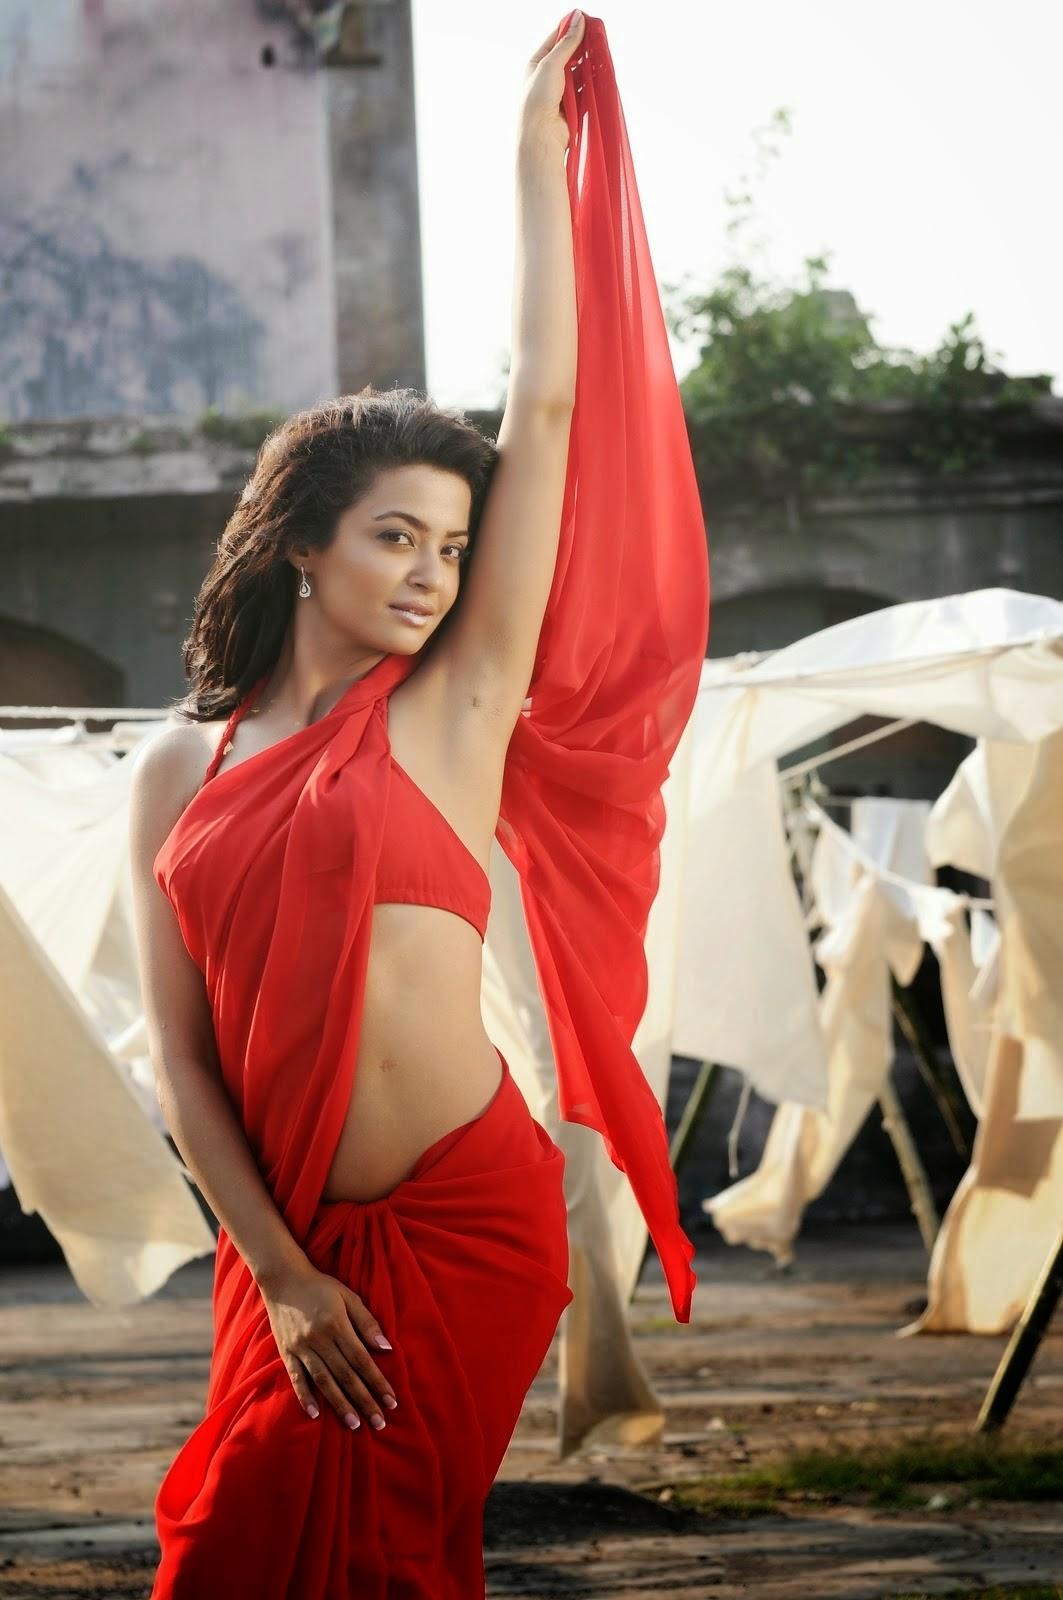 Actress Navel show Photos|Actress Saree Below Navel show